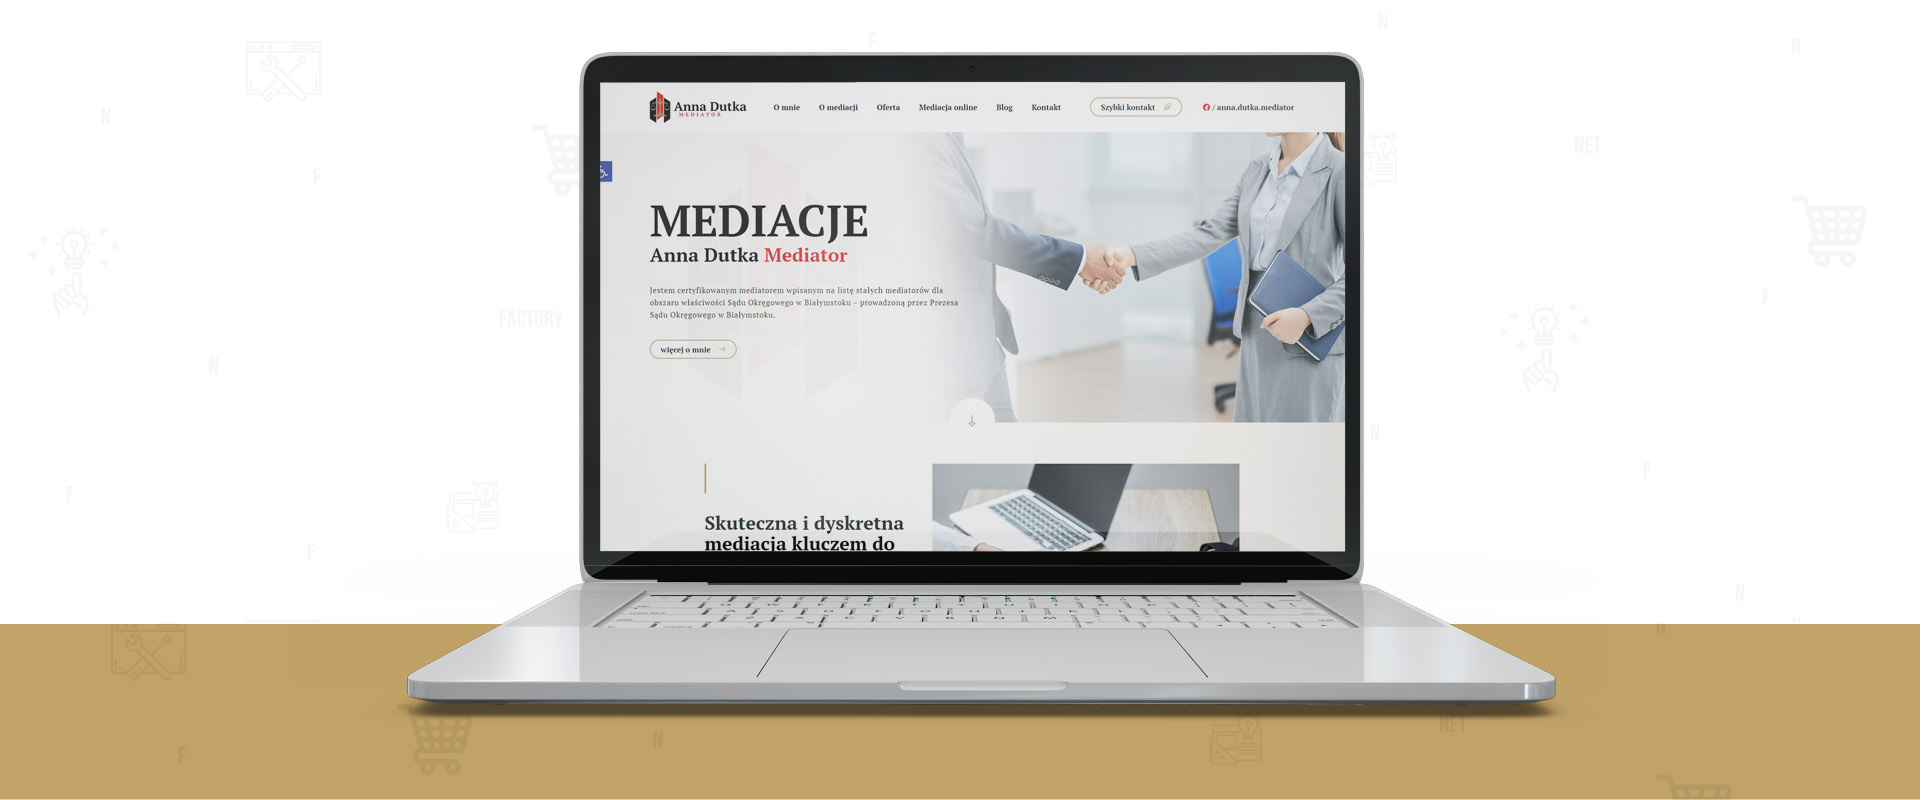 Strona internetowa dla Mediatora Anny Dutka